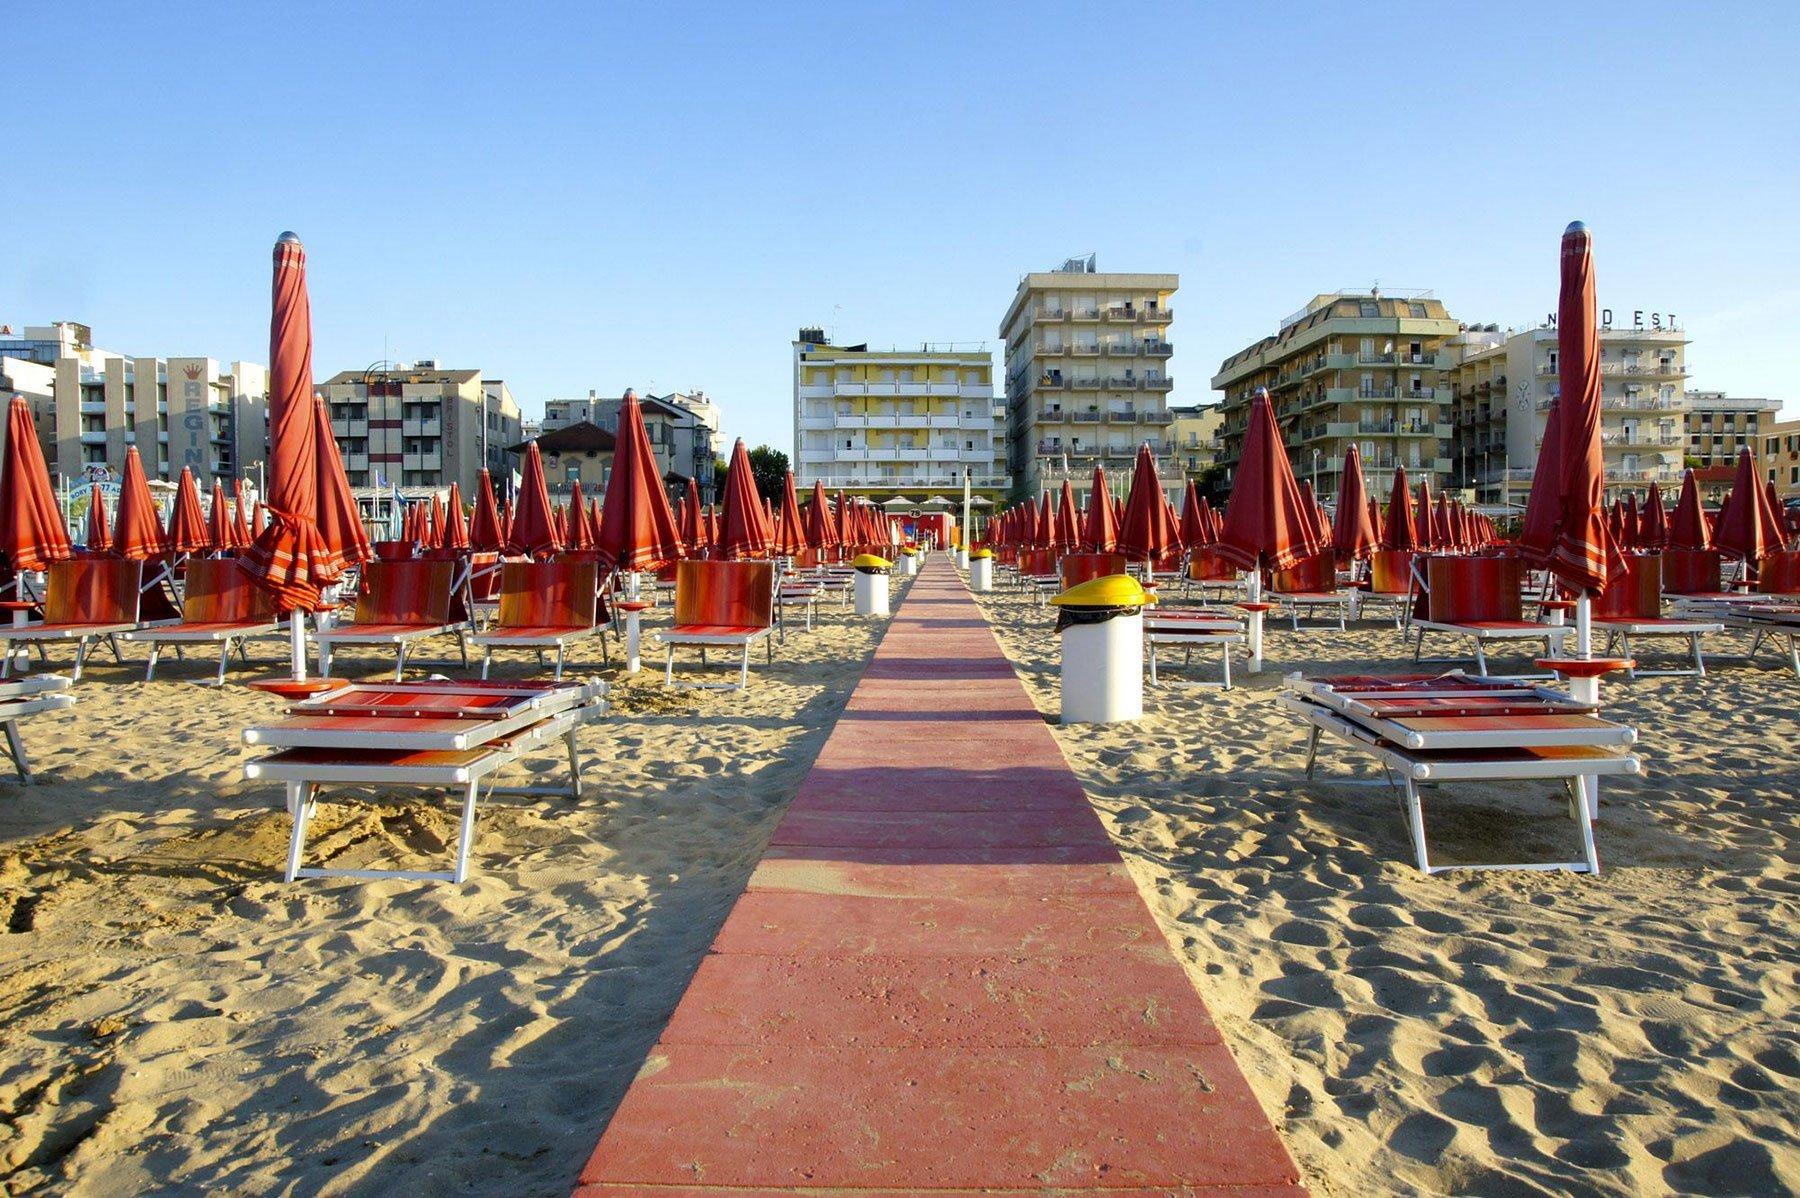 Spiaggia piena di sedie a sdraio e ombrelloni